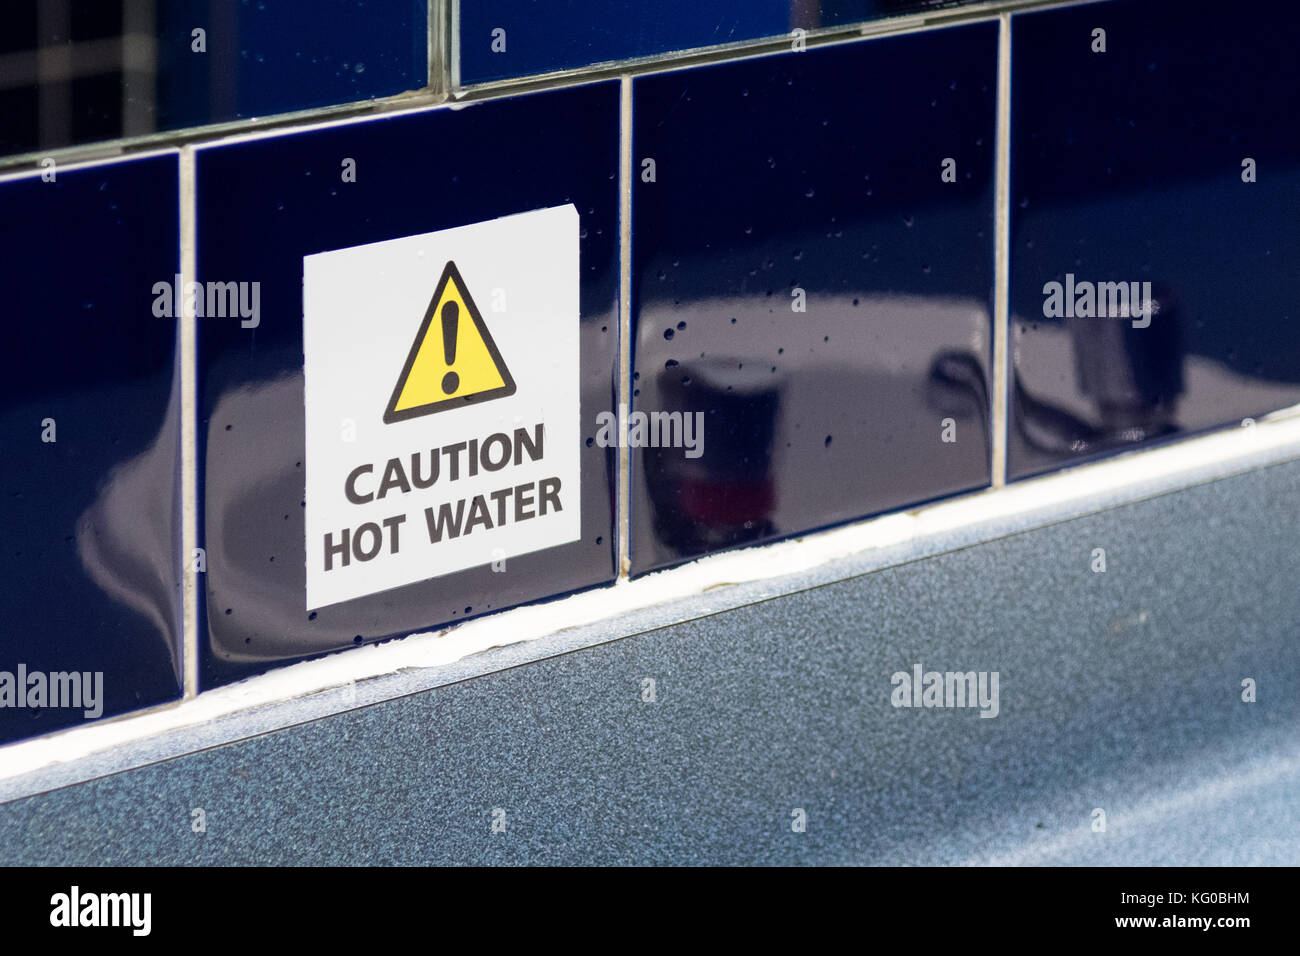 Precaución signo de agua caliente Imagen De Stock